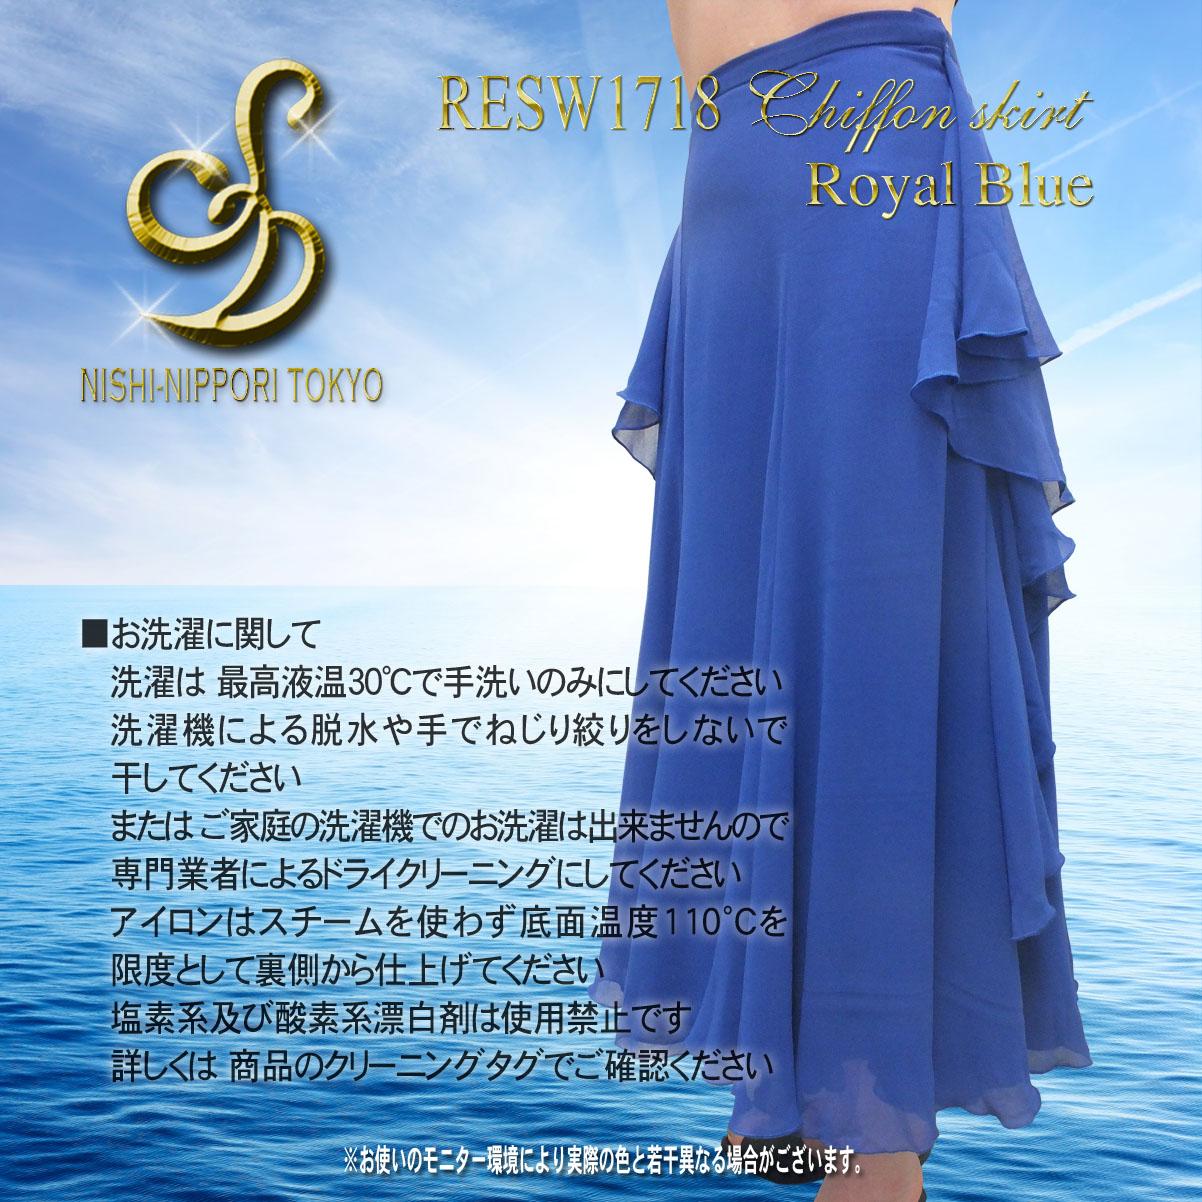 RESW1718 シフォンスカート002